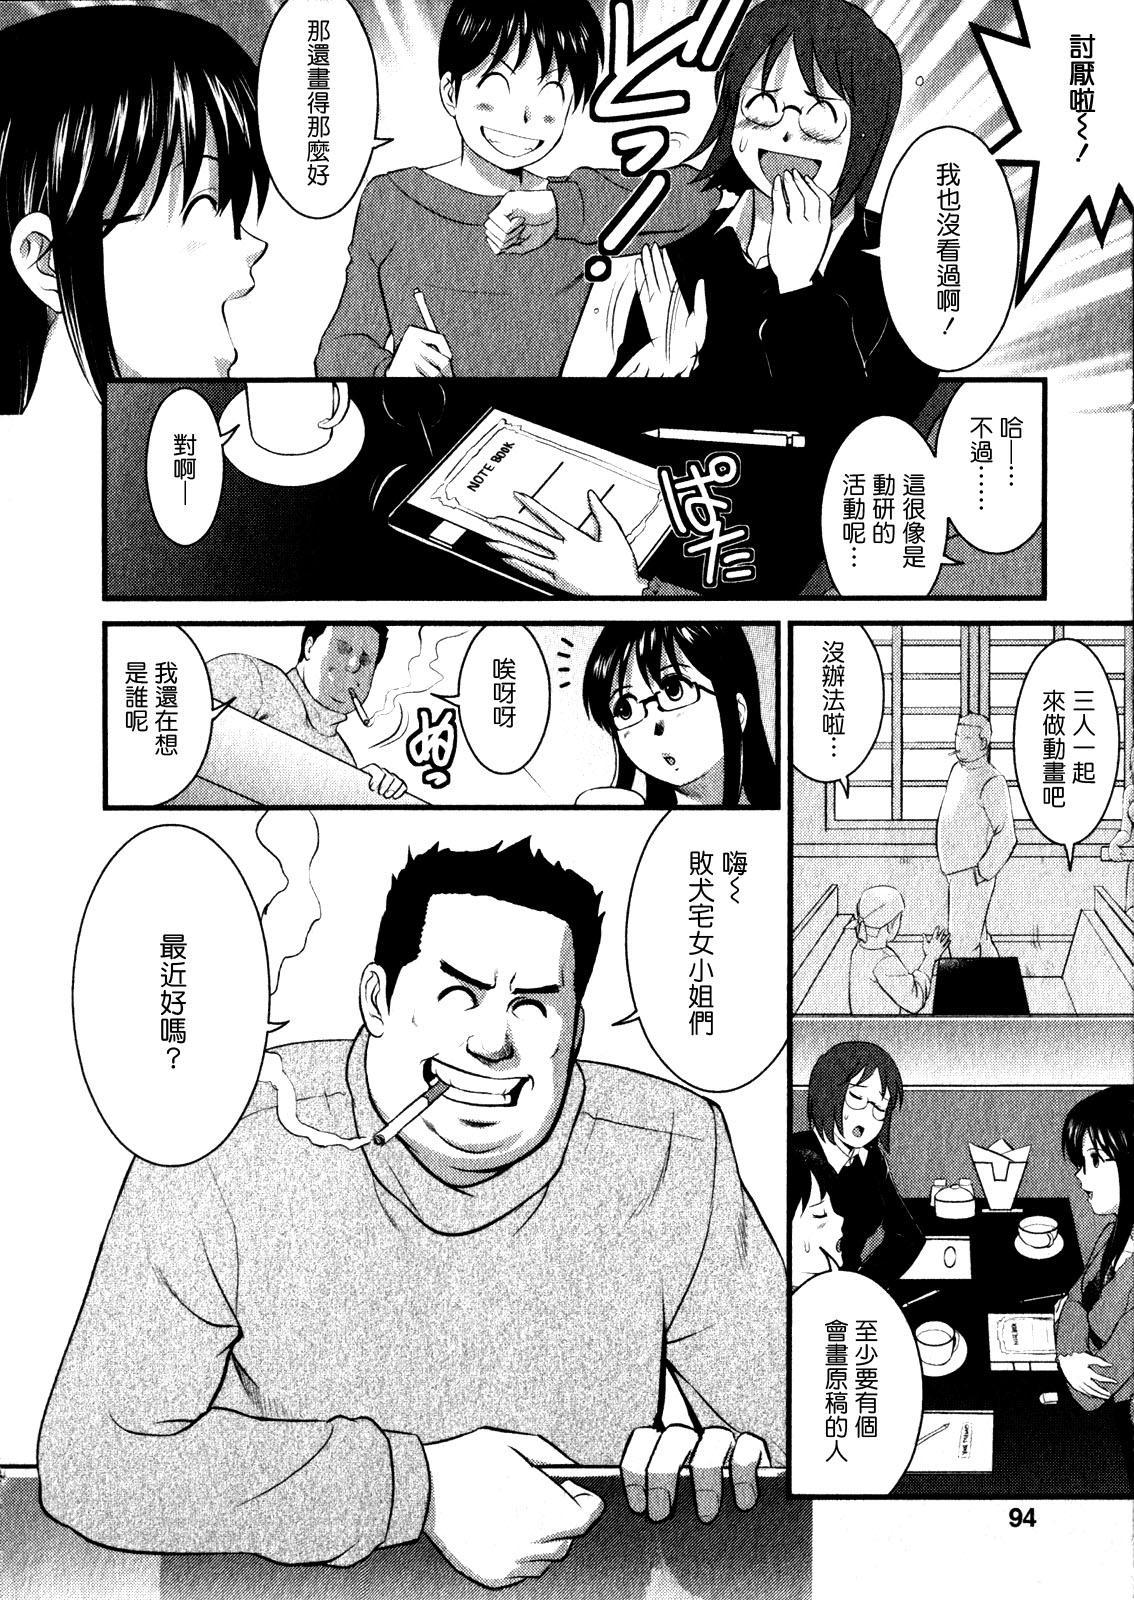 Otaku no Megami-san 1 91